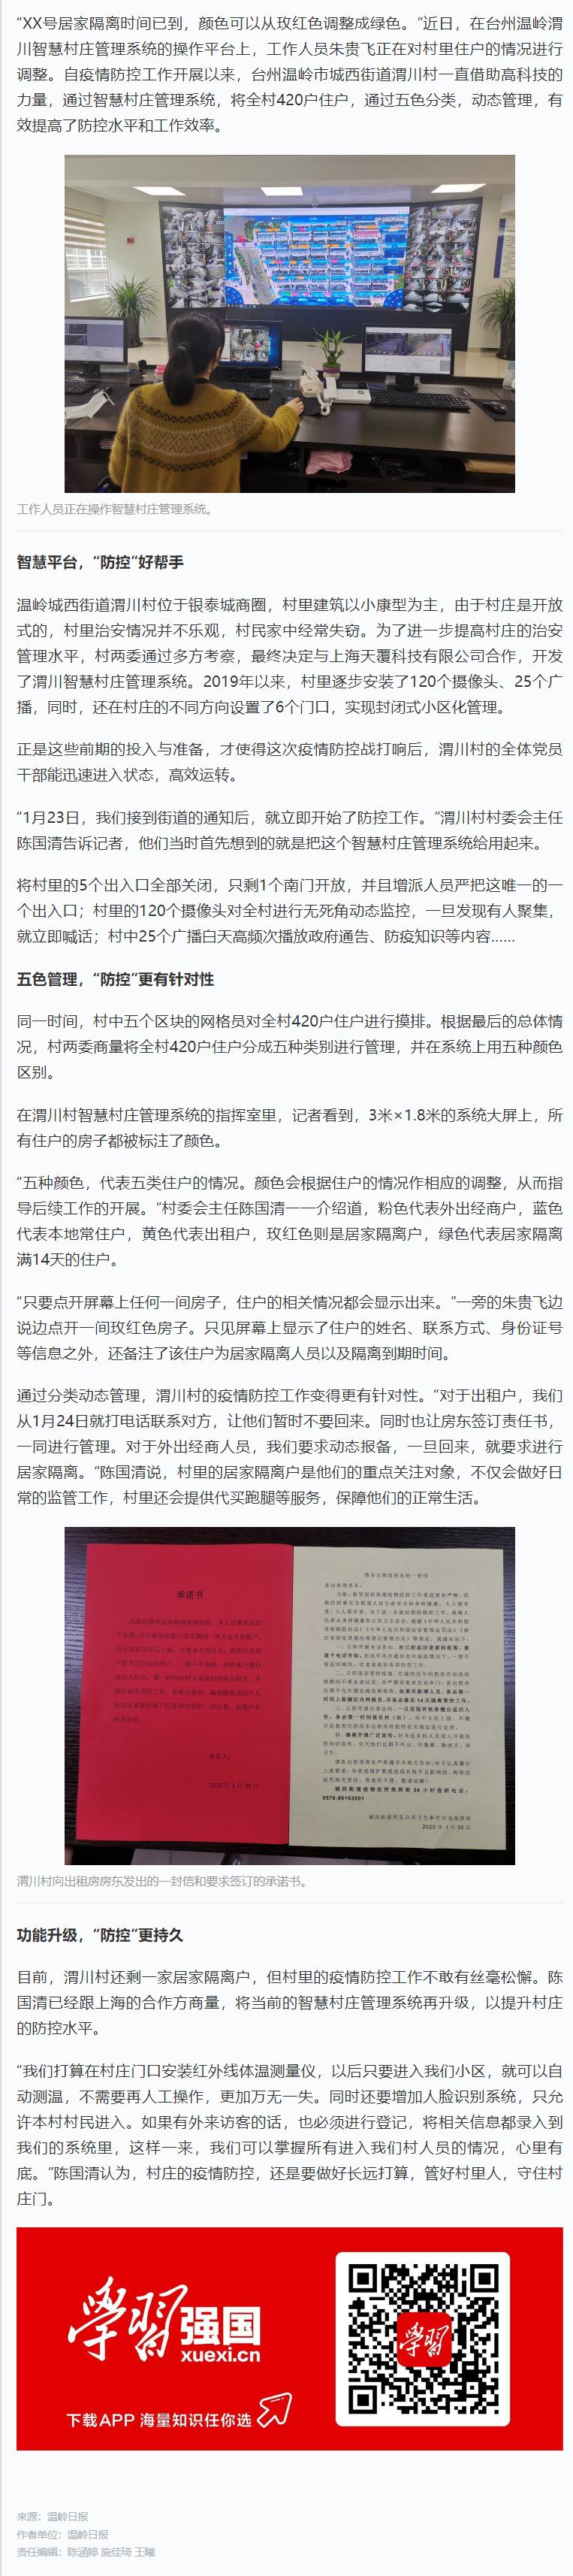 """台州温岭:五色分类 动态管理 渭川村疫情防控有""""智慧"""".png"""